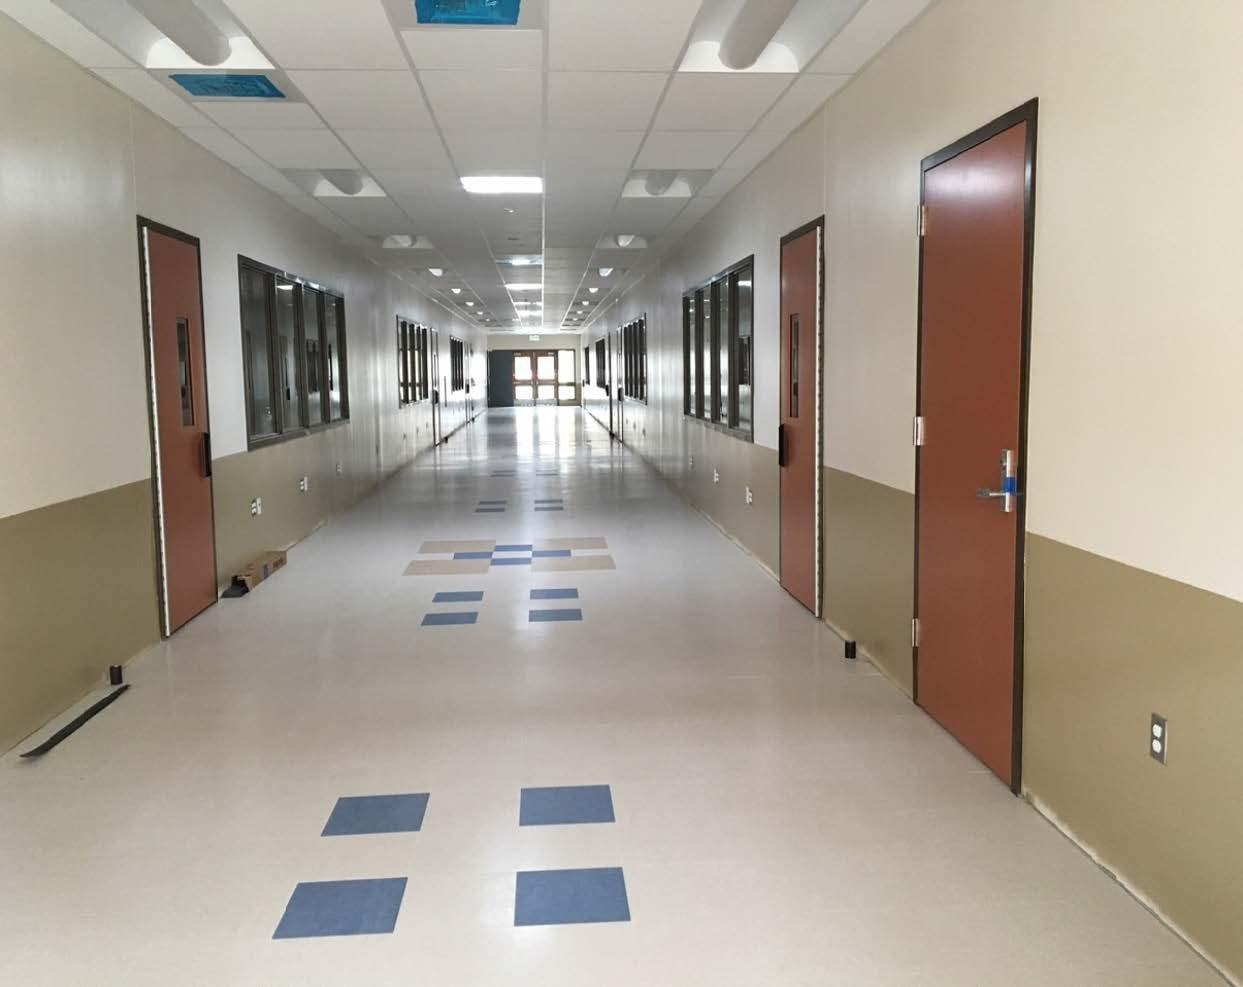 Building E Corridor